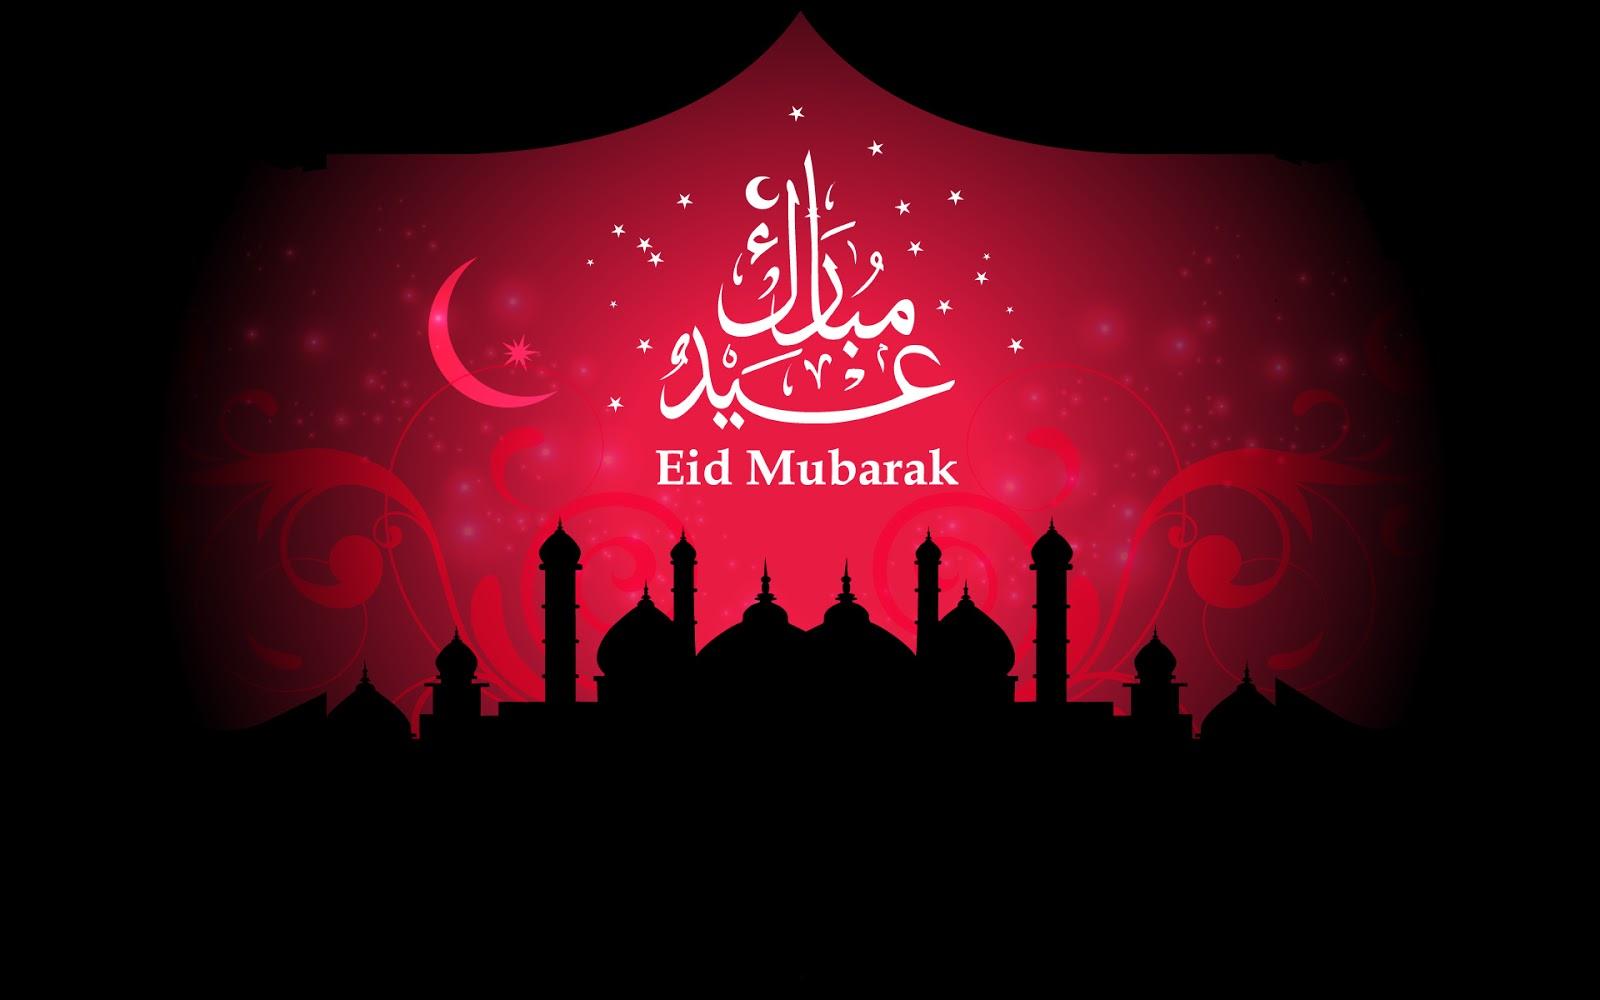 Eid Mubarak Pictures 2018